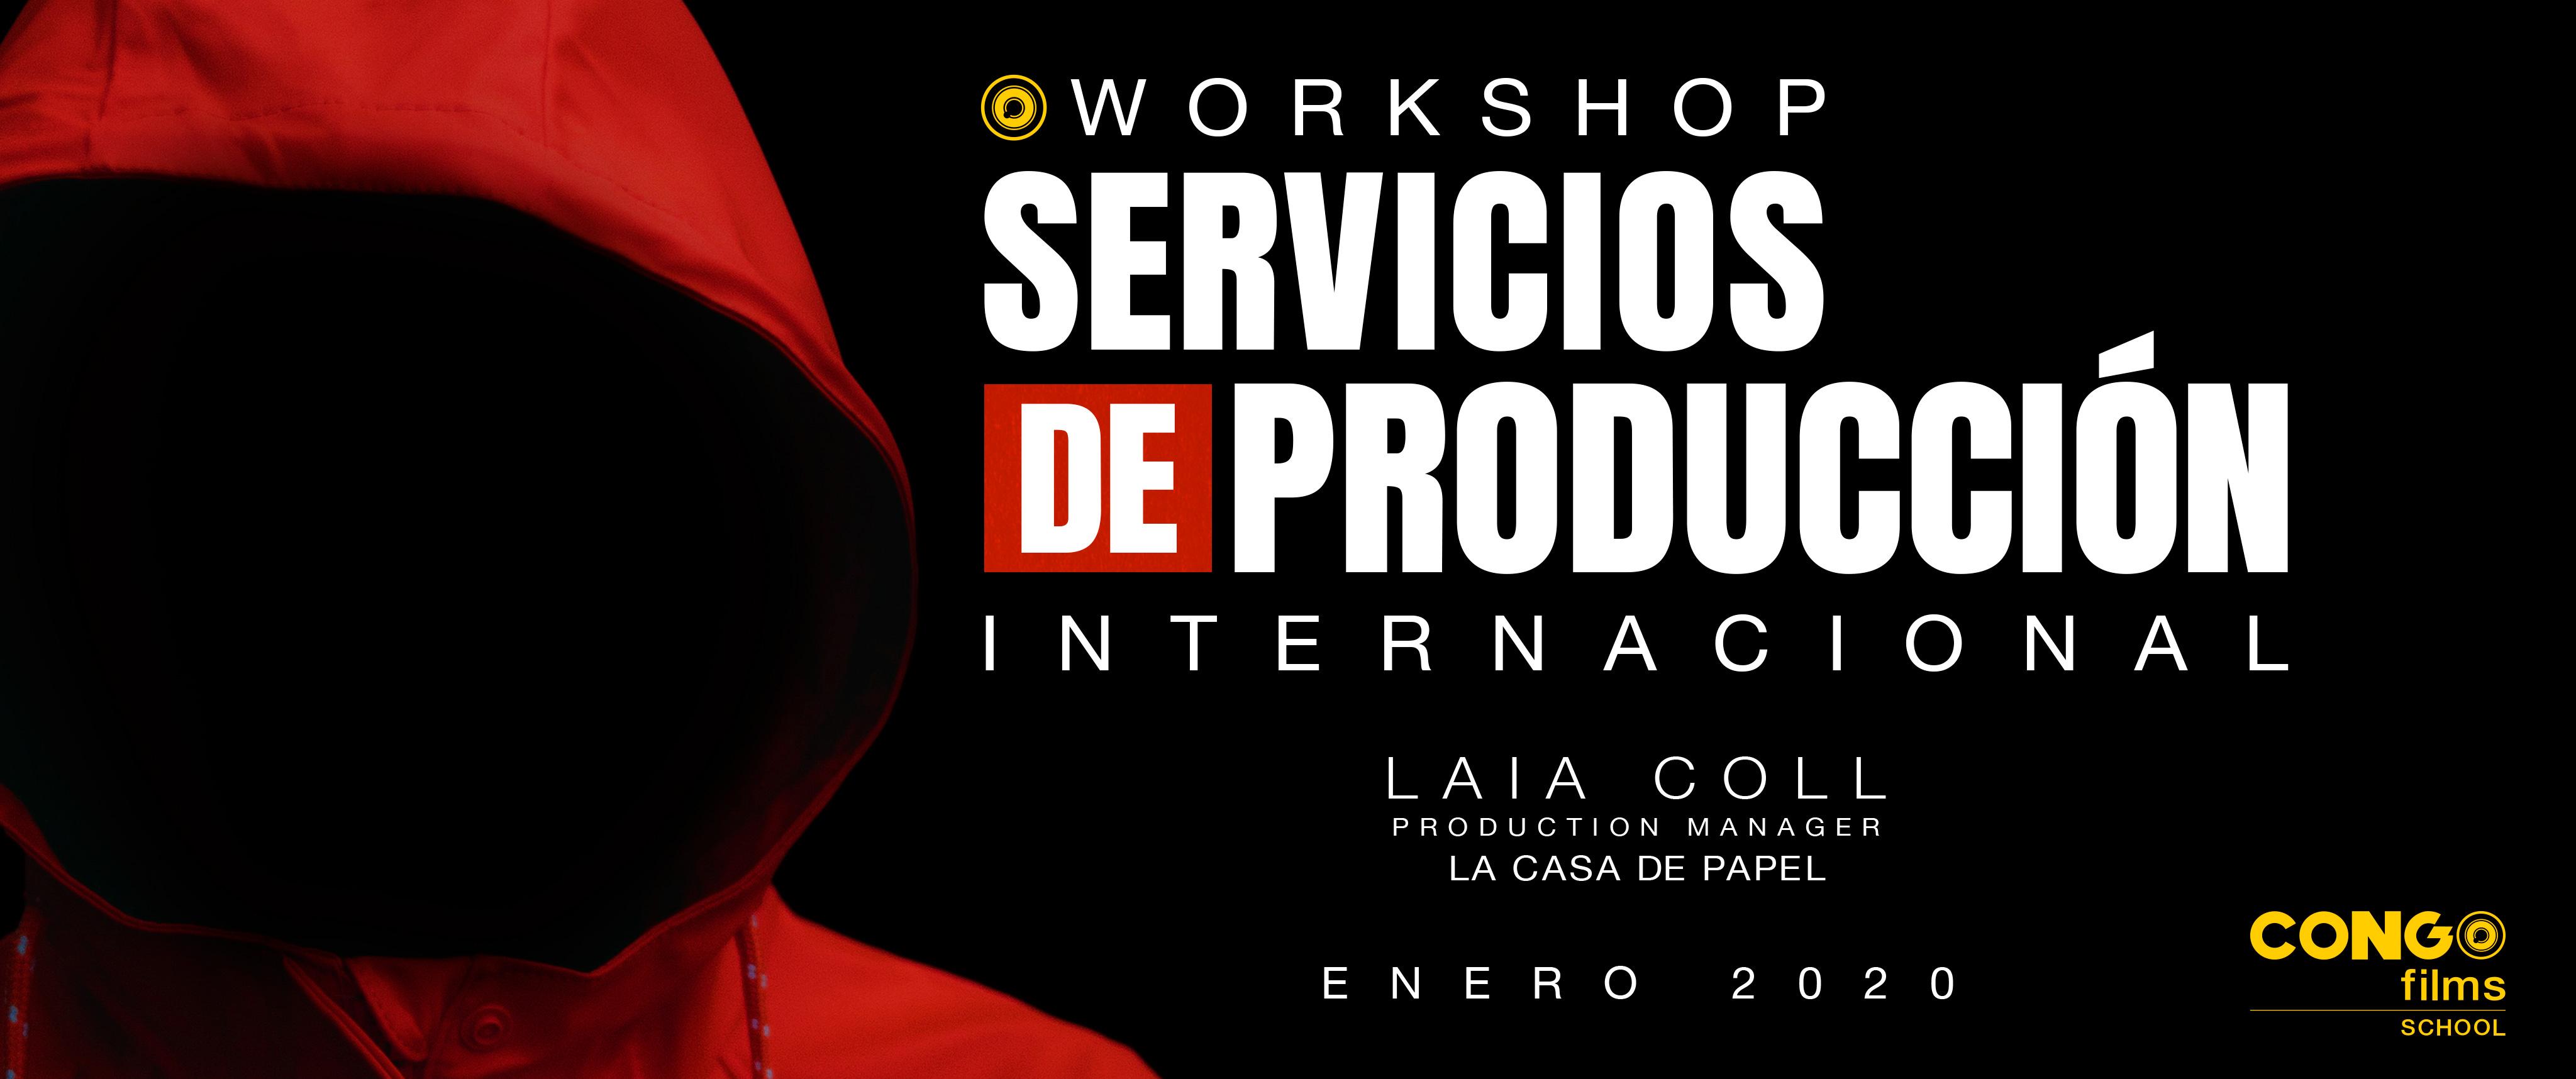 AF-CONGO-FILMS-SCHOOL----ENERO-2020---WORKSHOPS-DE-PRODUCCIÓN-ILAIA-COLL---BANNER-WEB.jpg